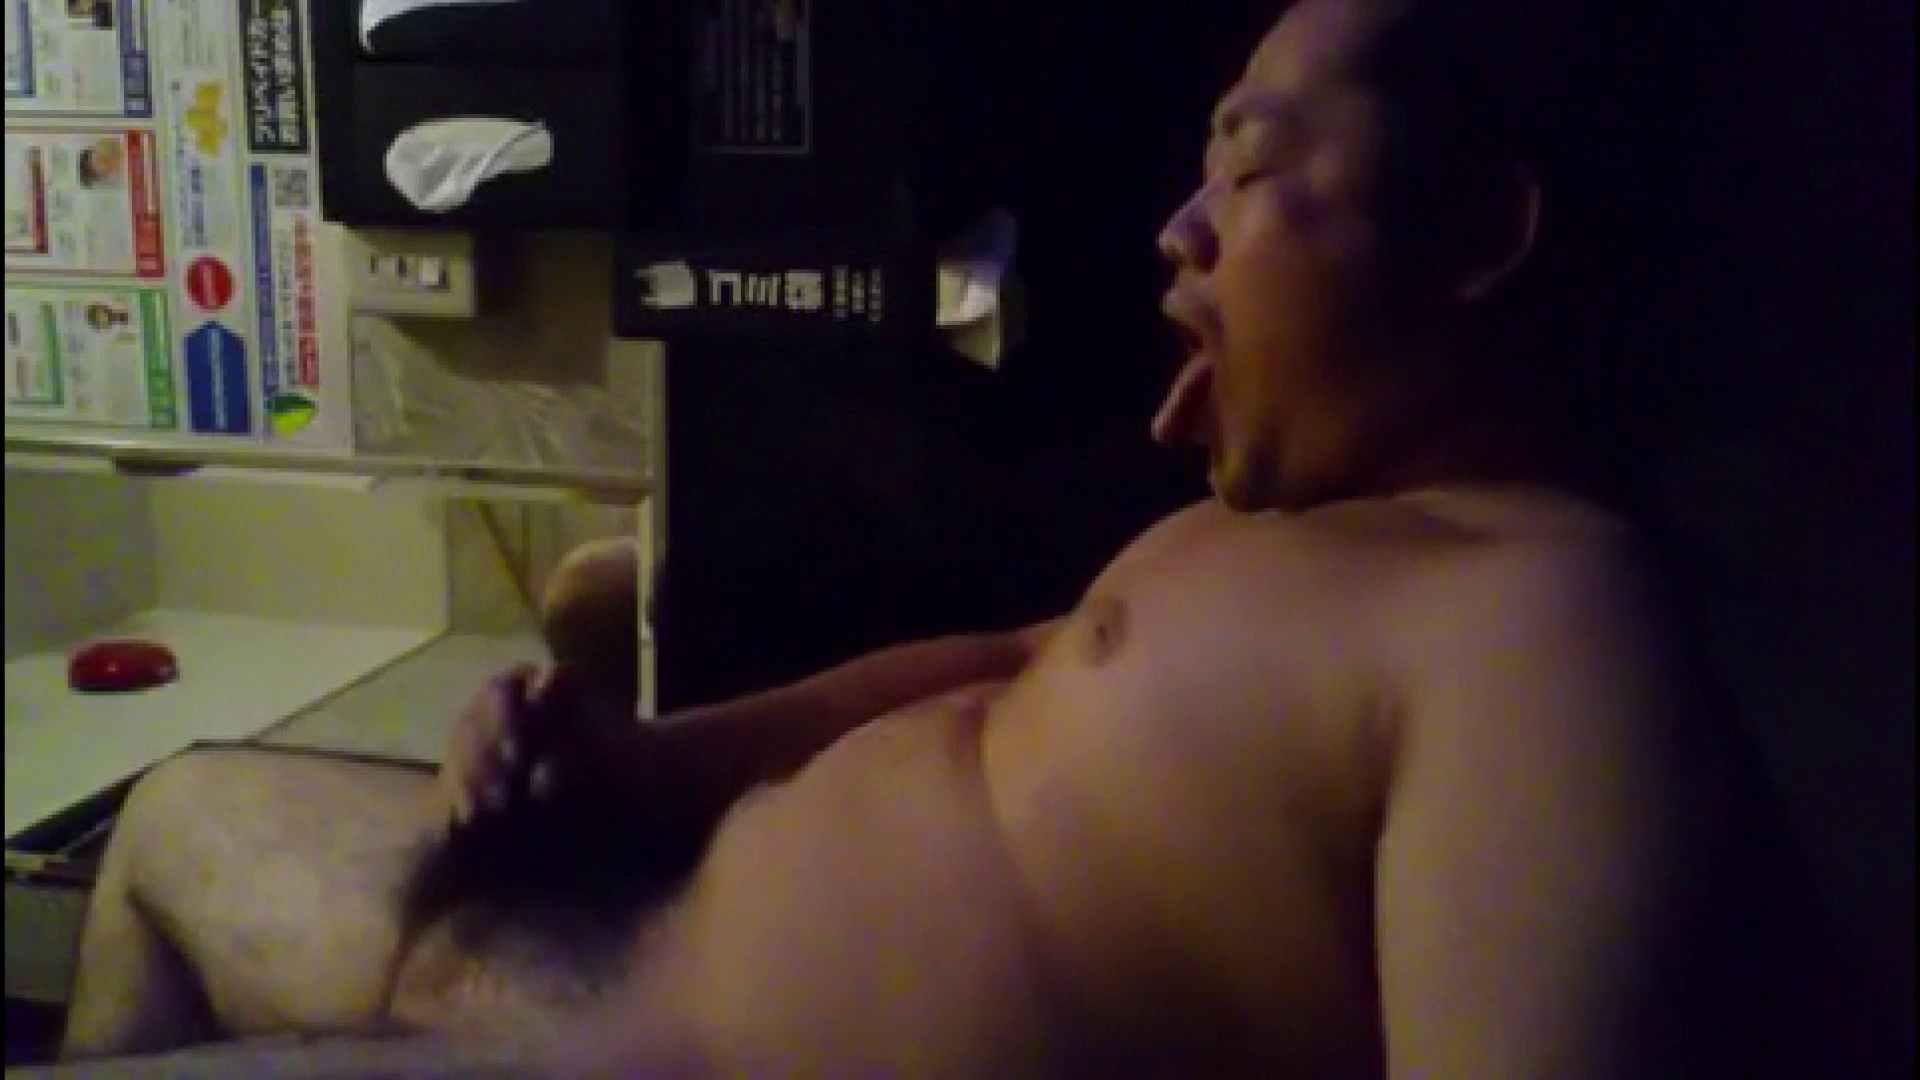 個人撮影 自慰の極意 Vol.24 オナニー | 手コキ アダルトビデオ画像キャプチャ 59pic 11